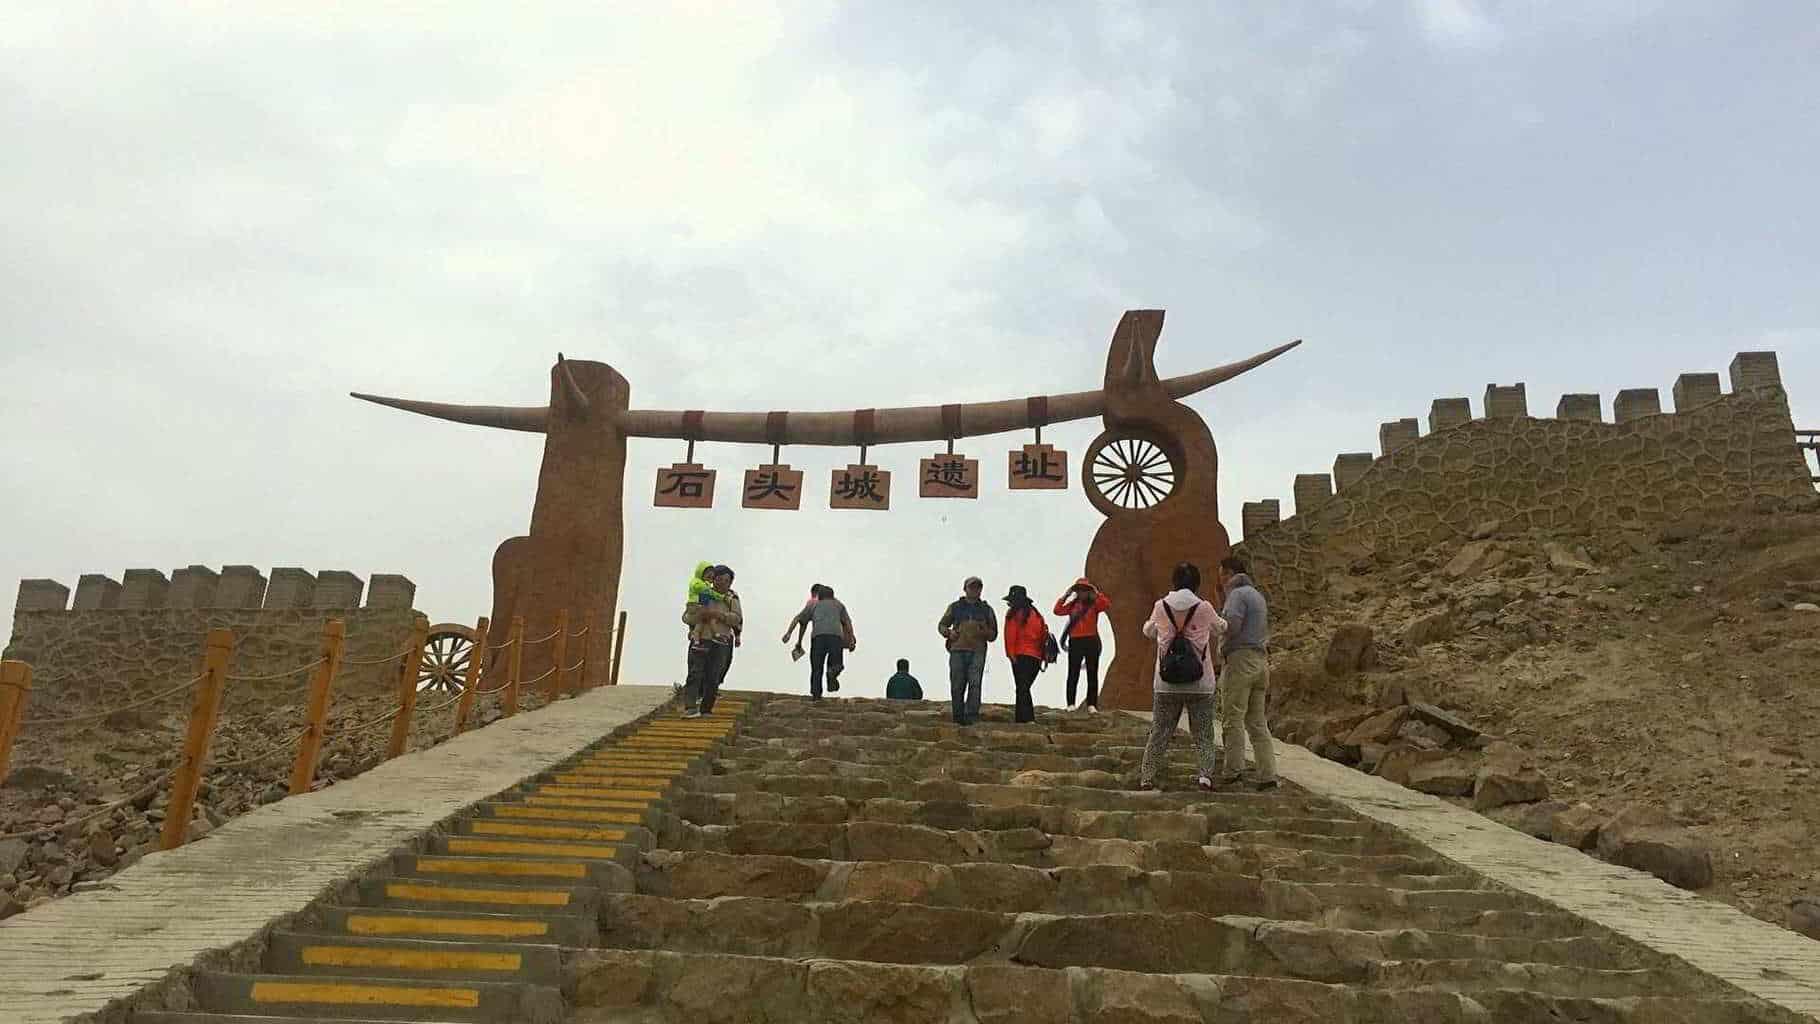 Tashkurgan west china